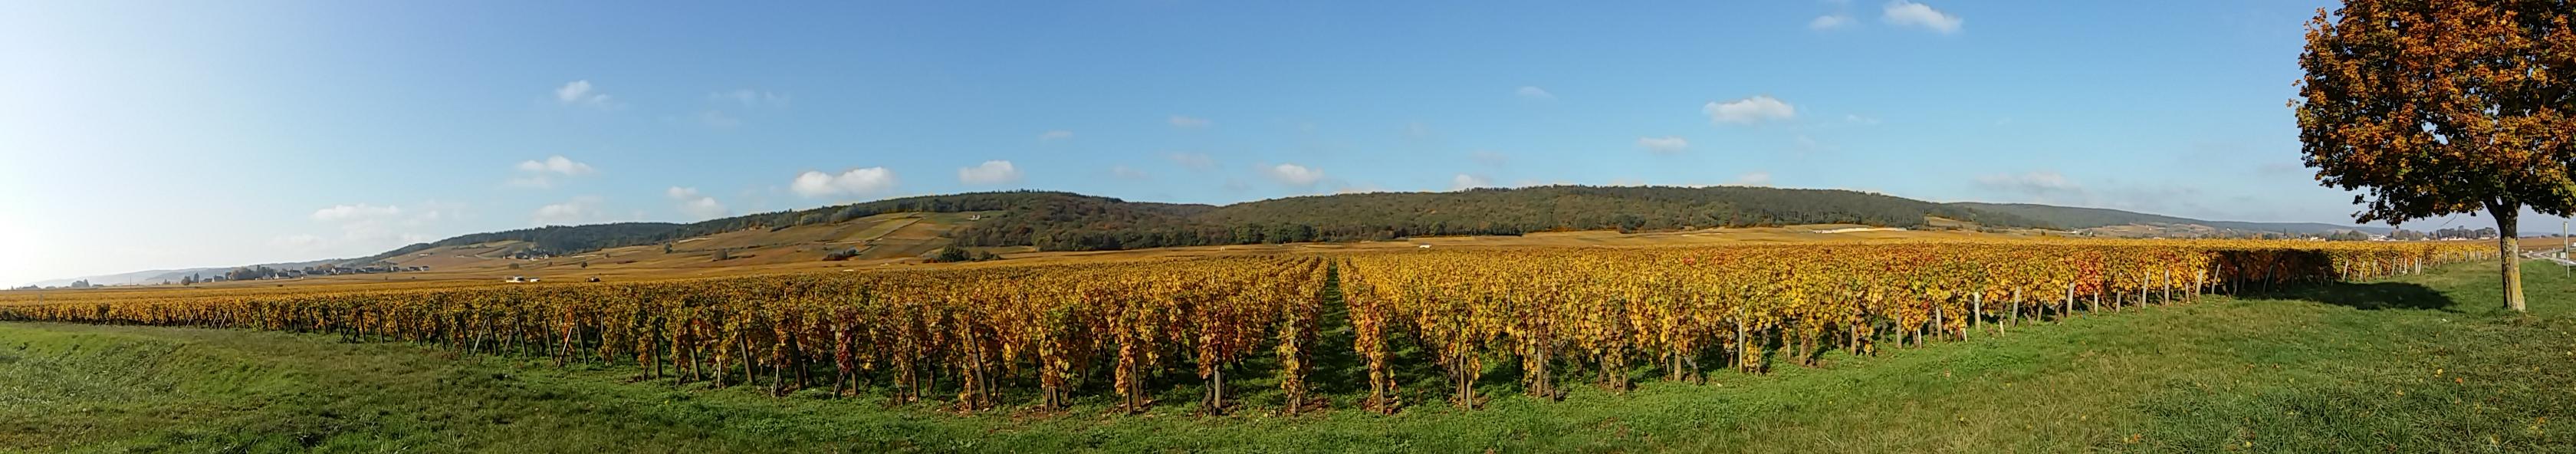 Sur la route des vins, Morey Saint Denis